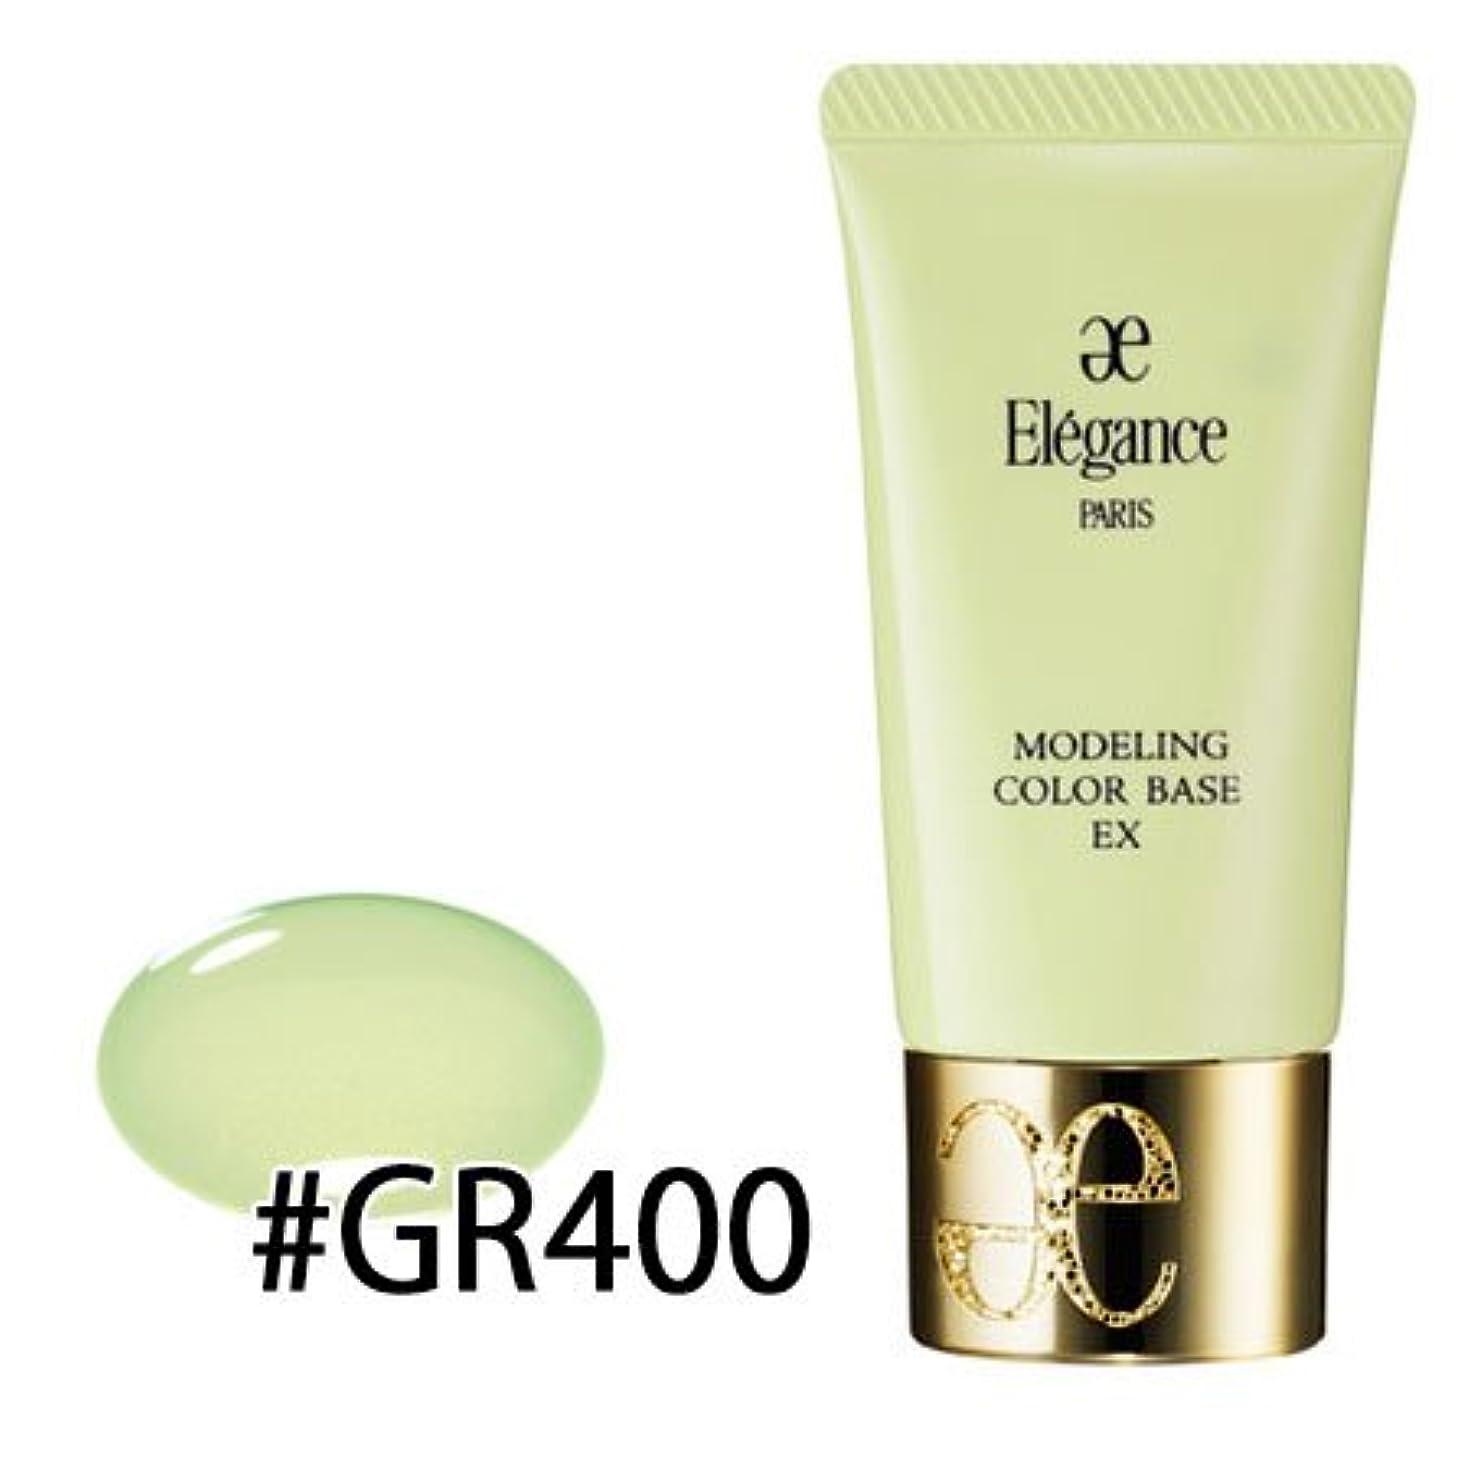 鳴り響く欠かせない前売エレガンス モデリング カラーベース EX #GR400